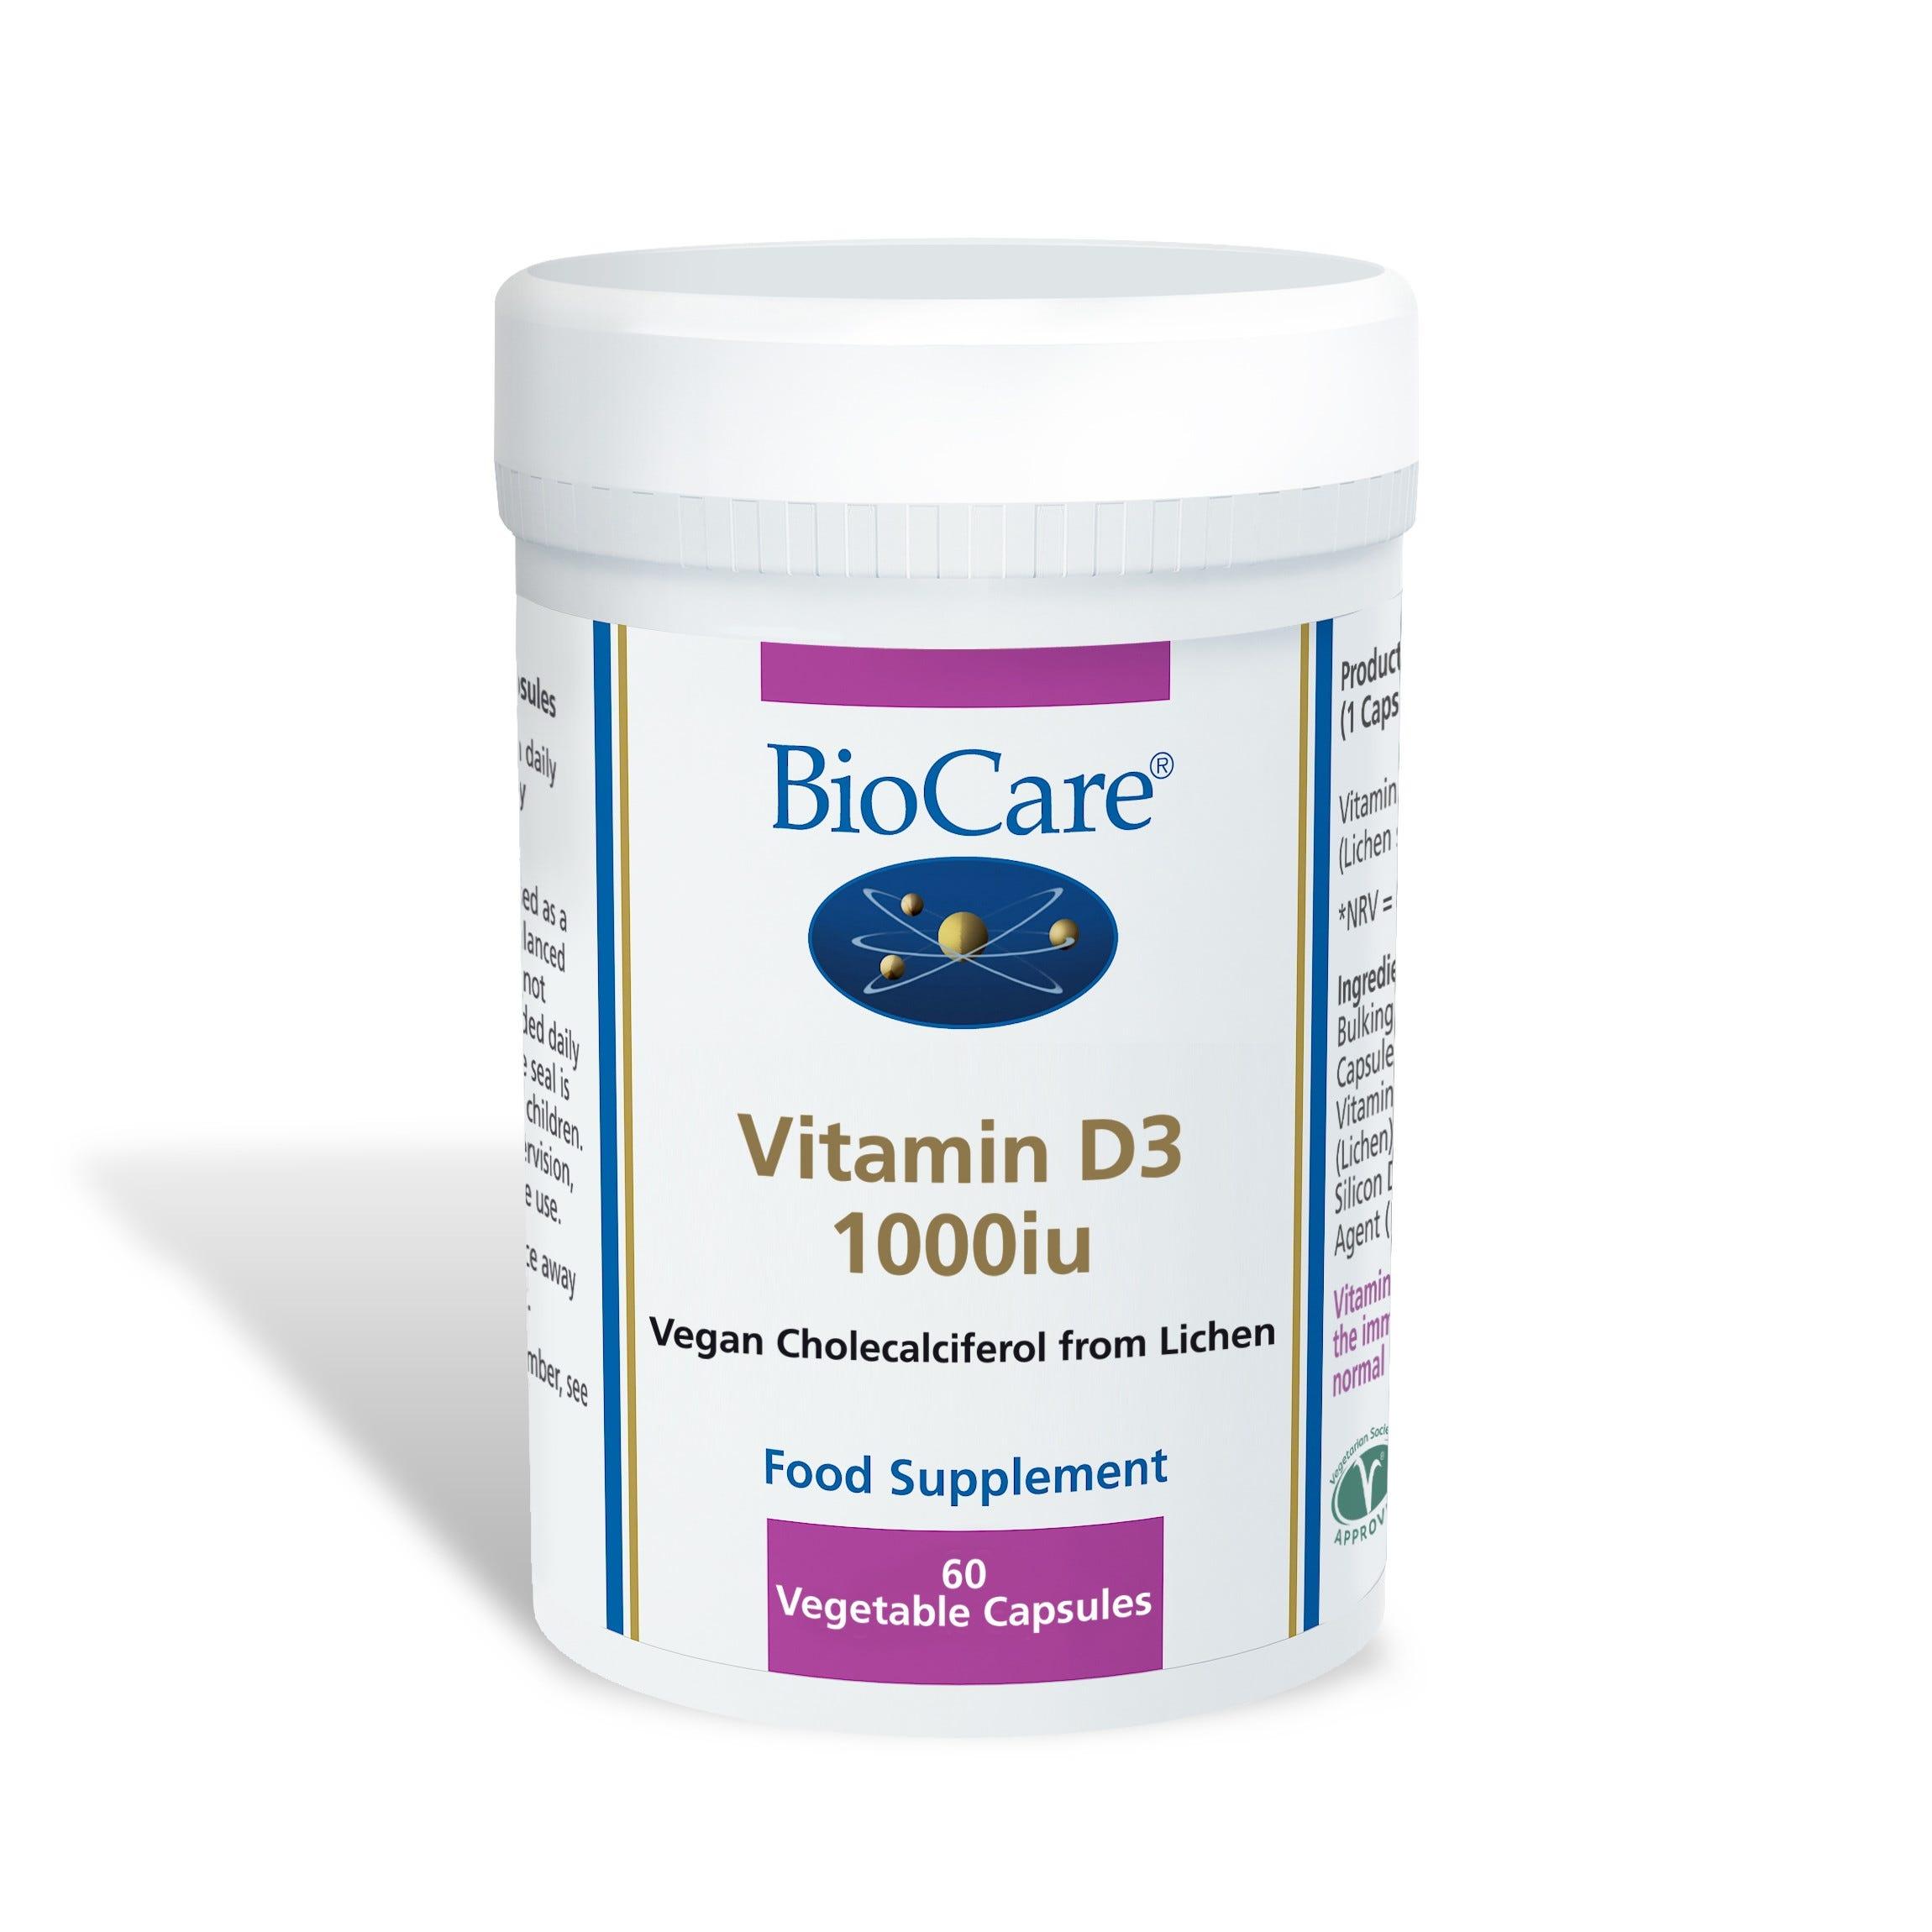 Vitamin D3 1000iu - 60 Capsules